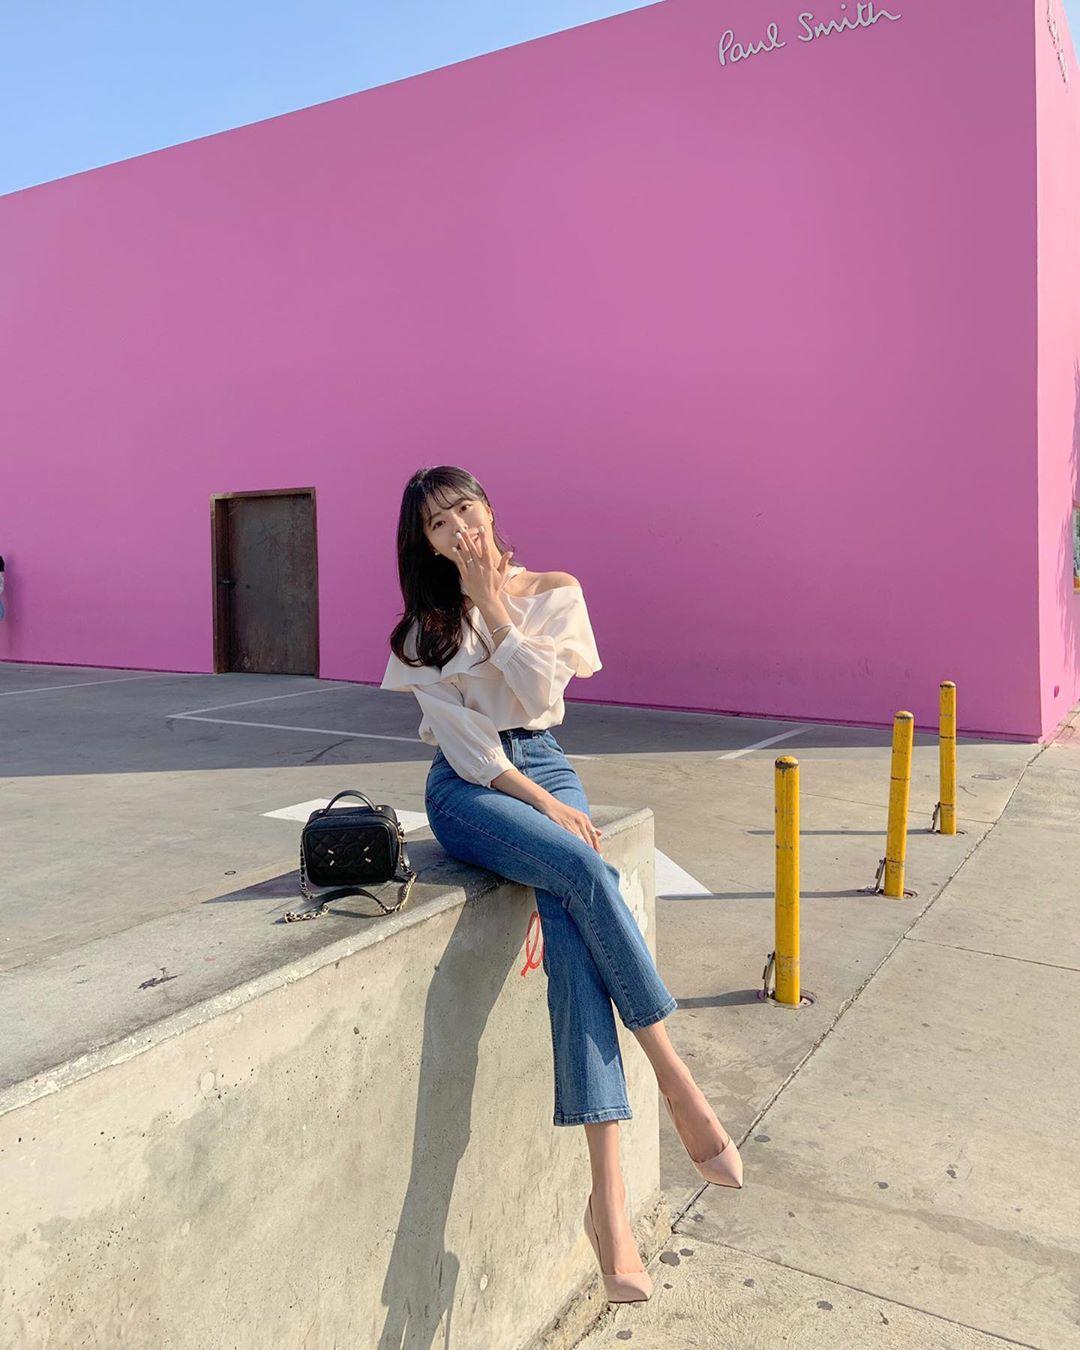 Quý cô chuyên diện quần skinny jeans gợi ý 3 kiểu giày dép kết hợp siêu ăn ý, lại còn kéo chân dài vô địch - Ảnh 9.